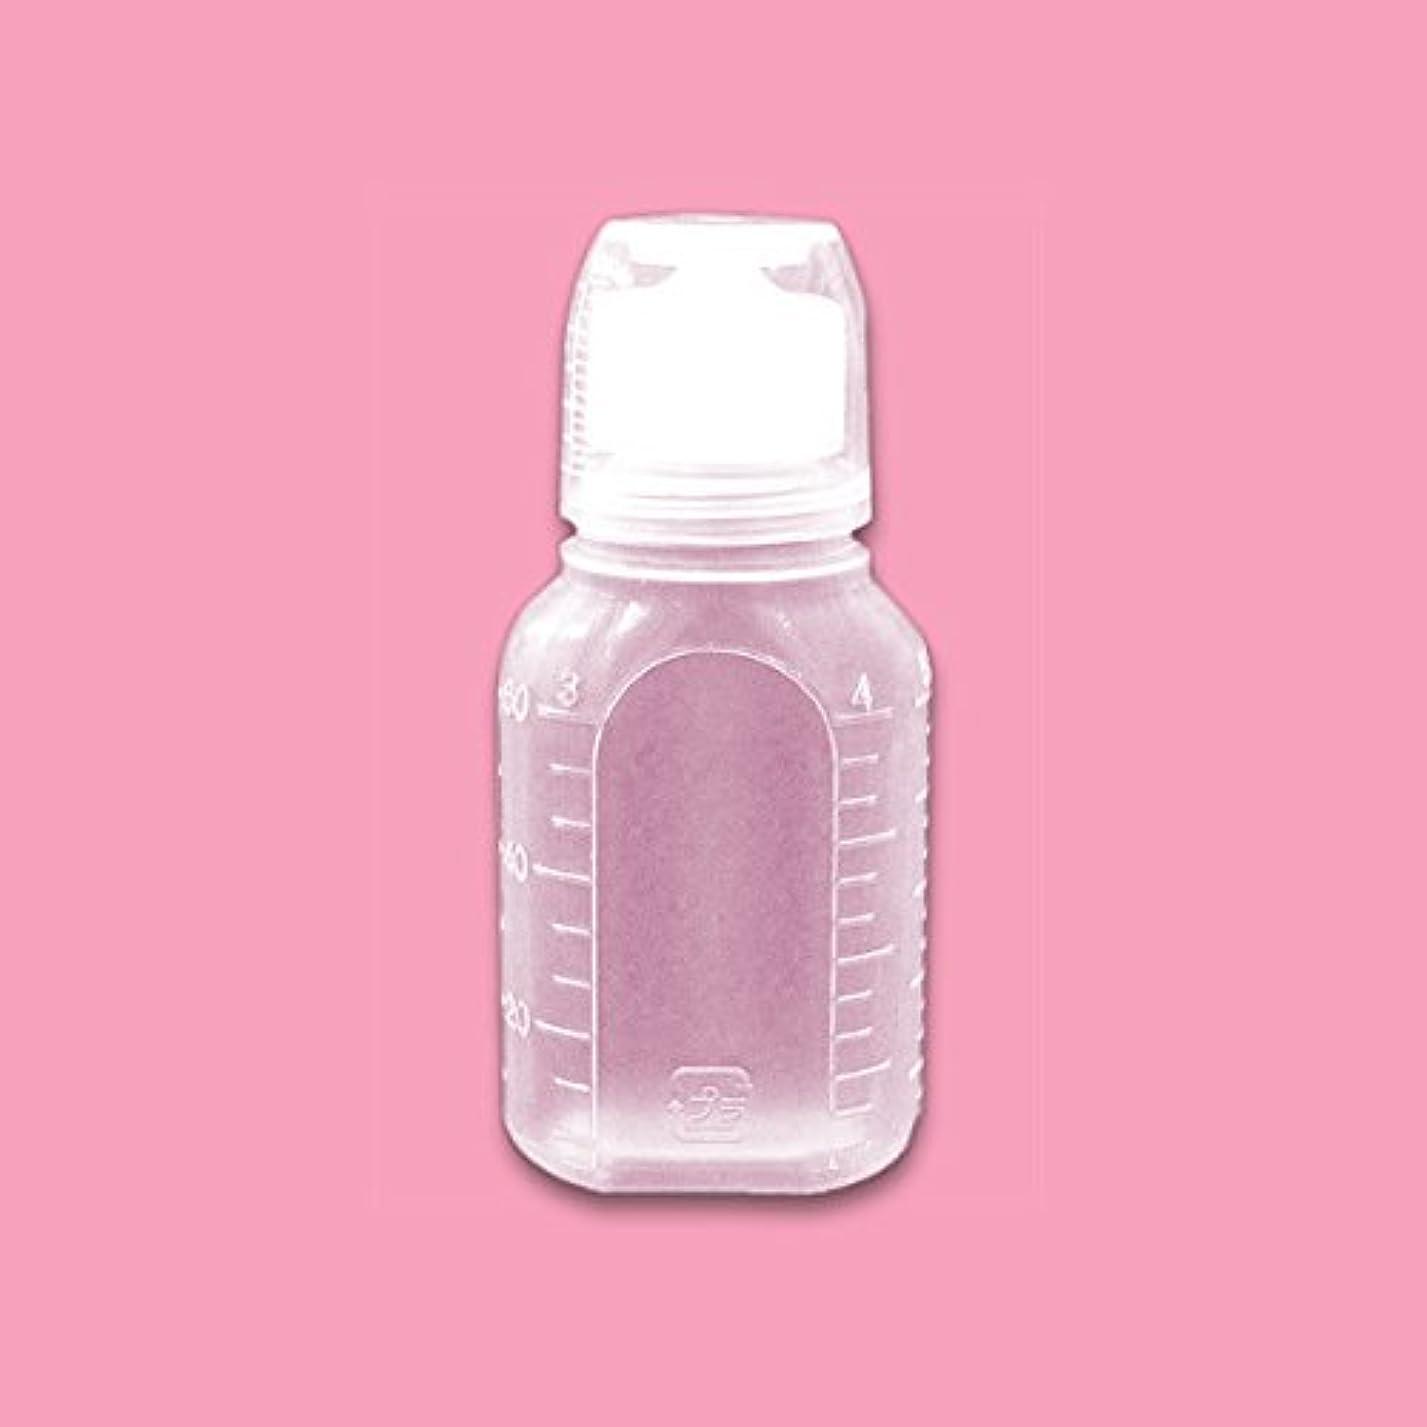 コロニー教育する差液体用空ボトル 60g 5個入 [ 空ボトル 空容器 詰め替え用 うがい薬 ローションボトル サンプル用 ]◆